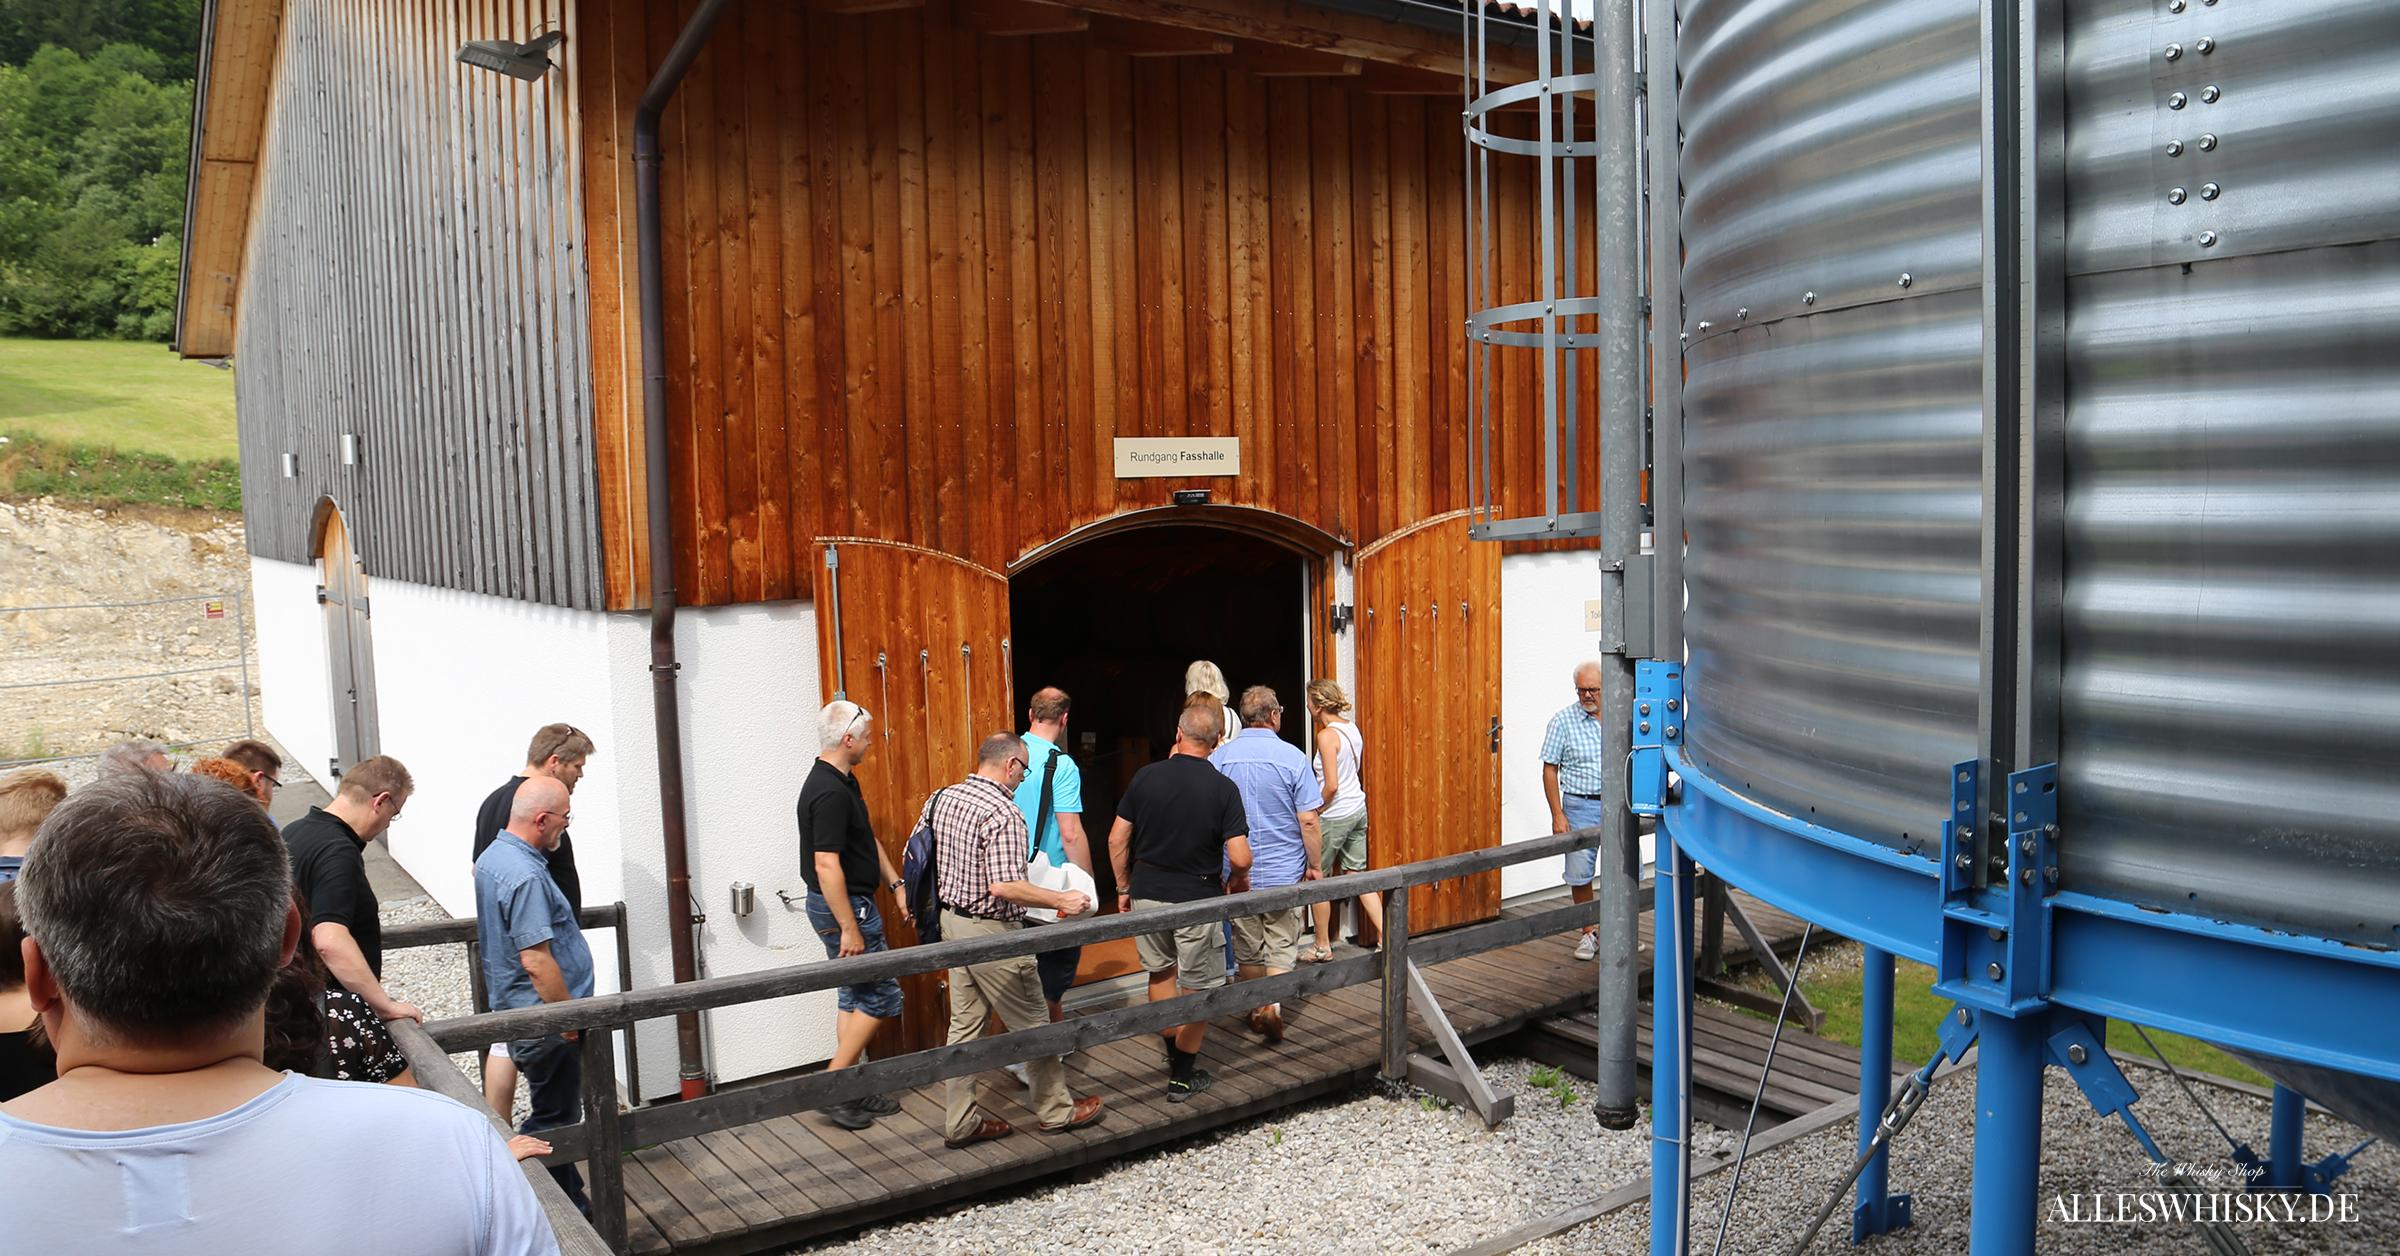 Slyrs Brennerei - Der Weg von der Brennerei zum Fasslager und in den Tastingraum